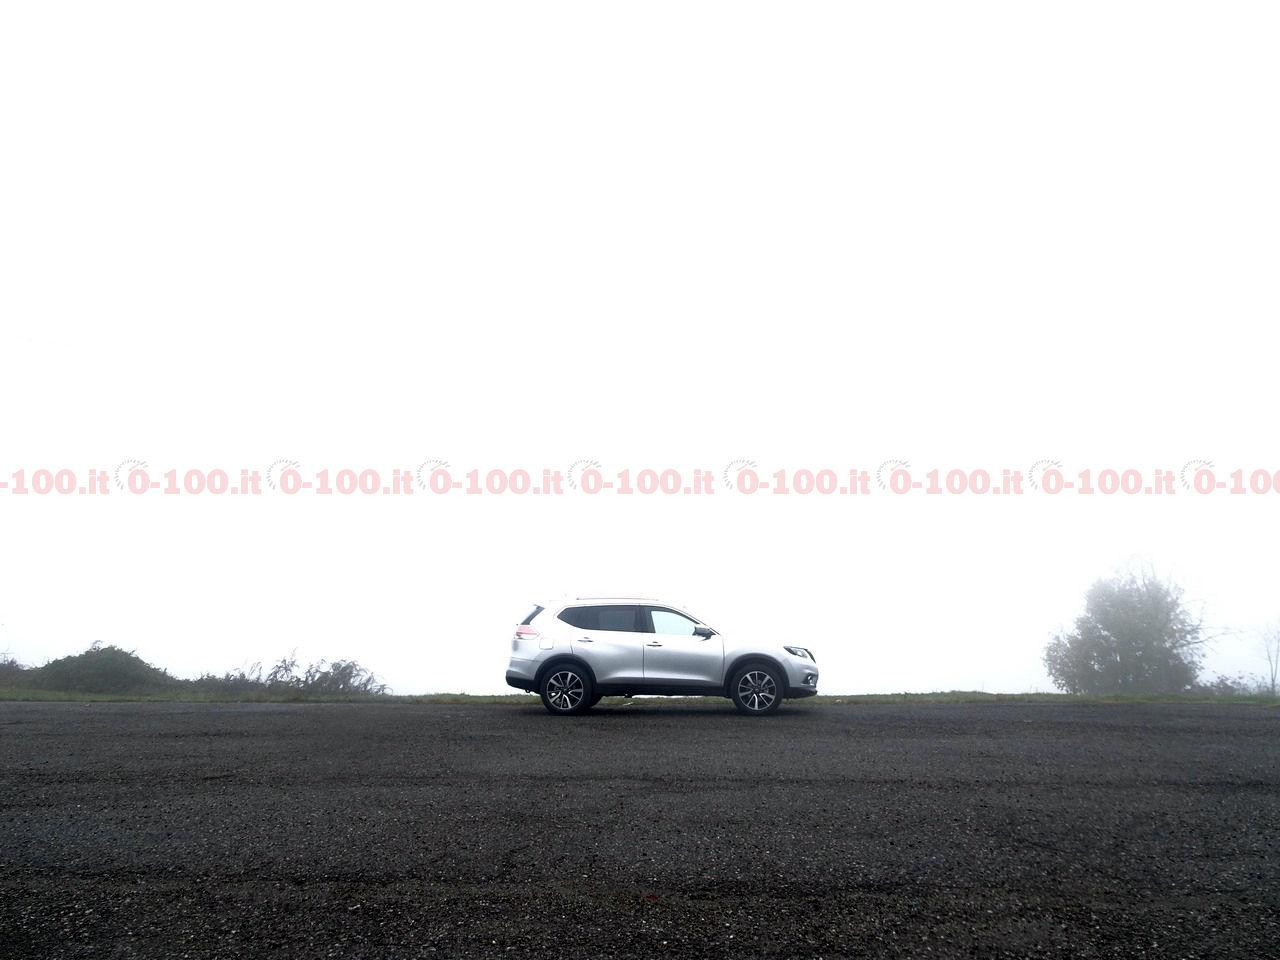 nissan-x-trail_dci-130-turbodiesel-tekna-test-drive-0-100_40